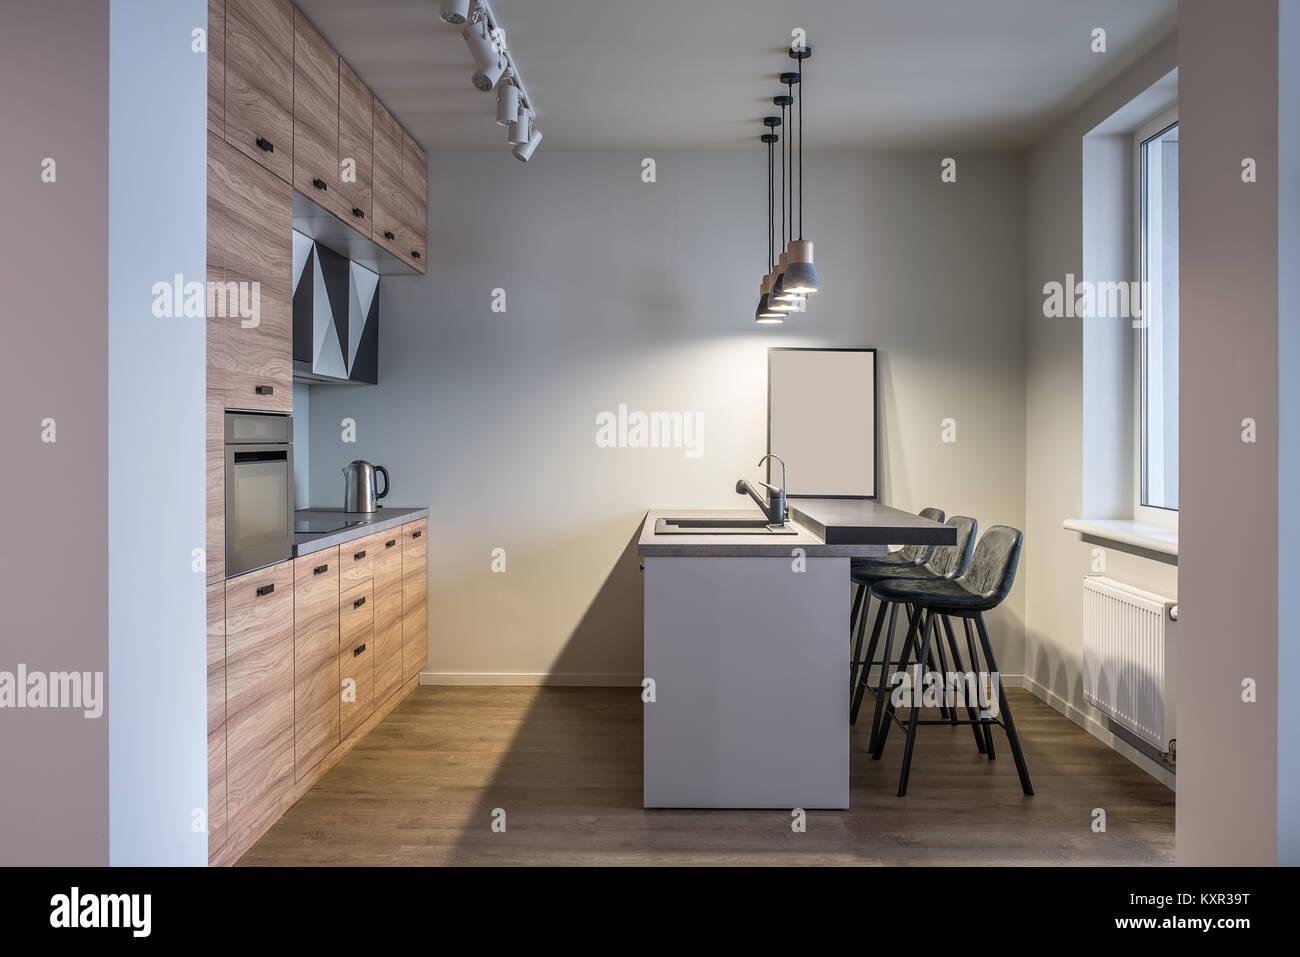 Cucina in stile moderno con pareti bianche e pavimenti in parquet ...